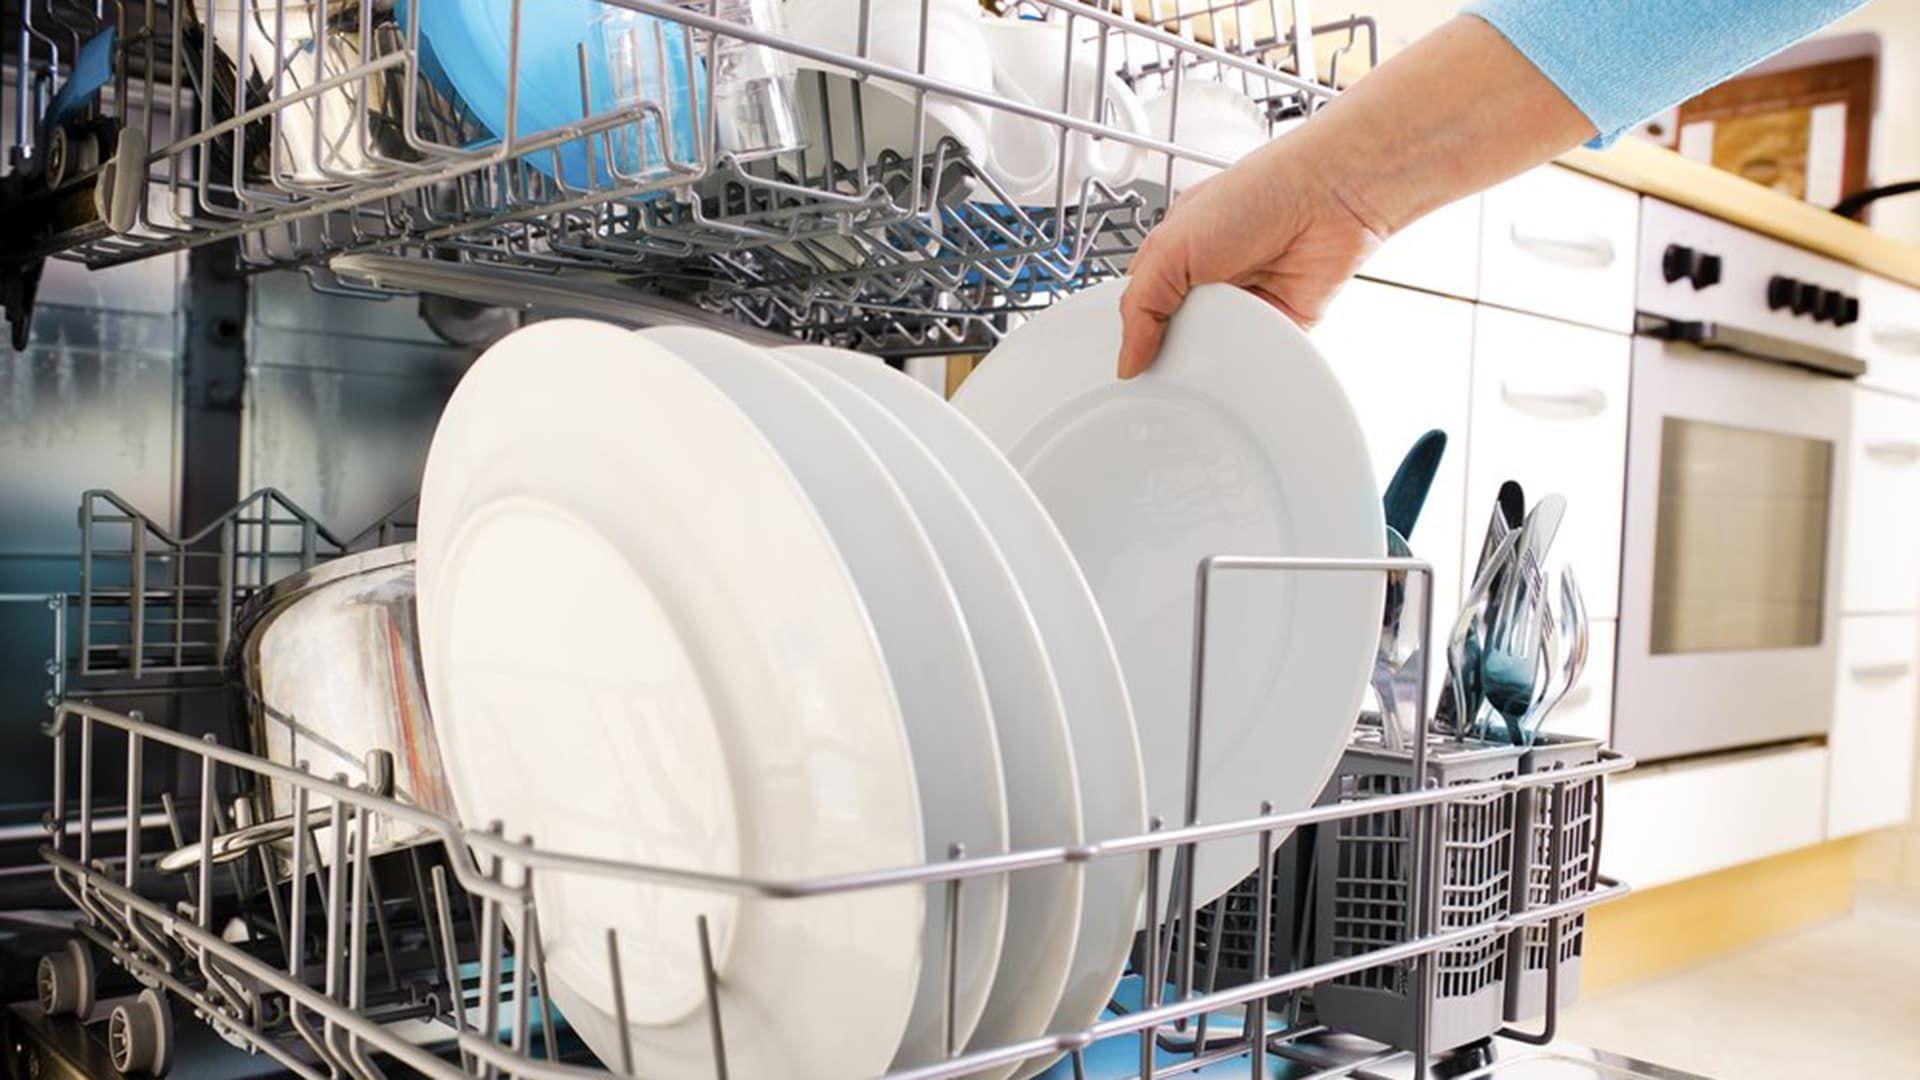 10 Cose da Non Lavare Mai nella Lavastoviglie